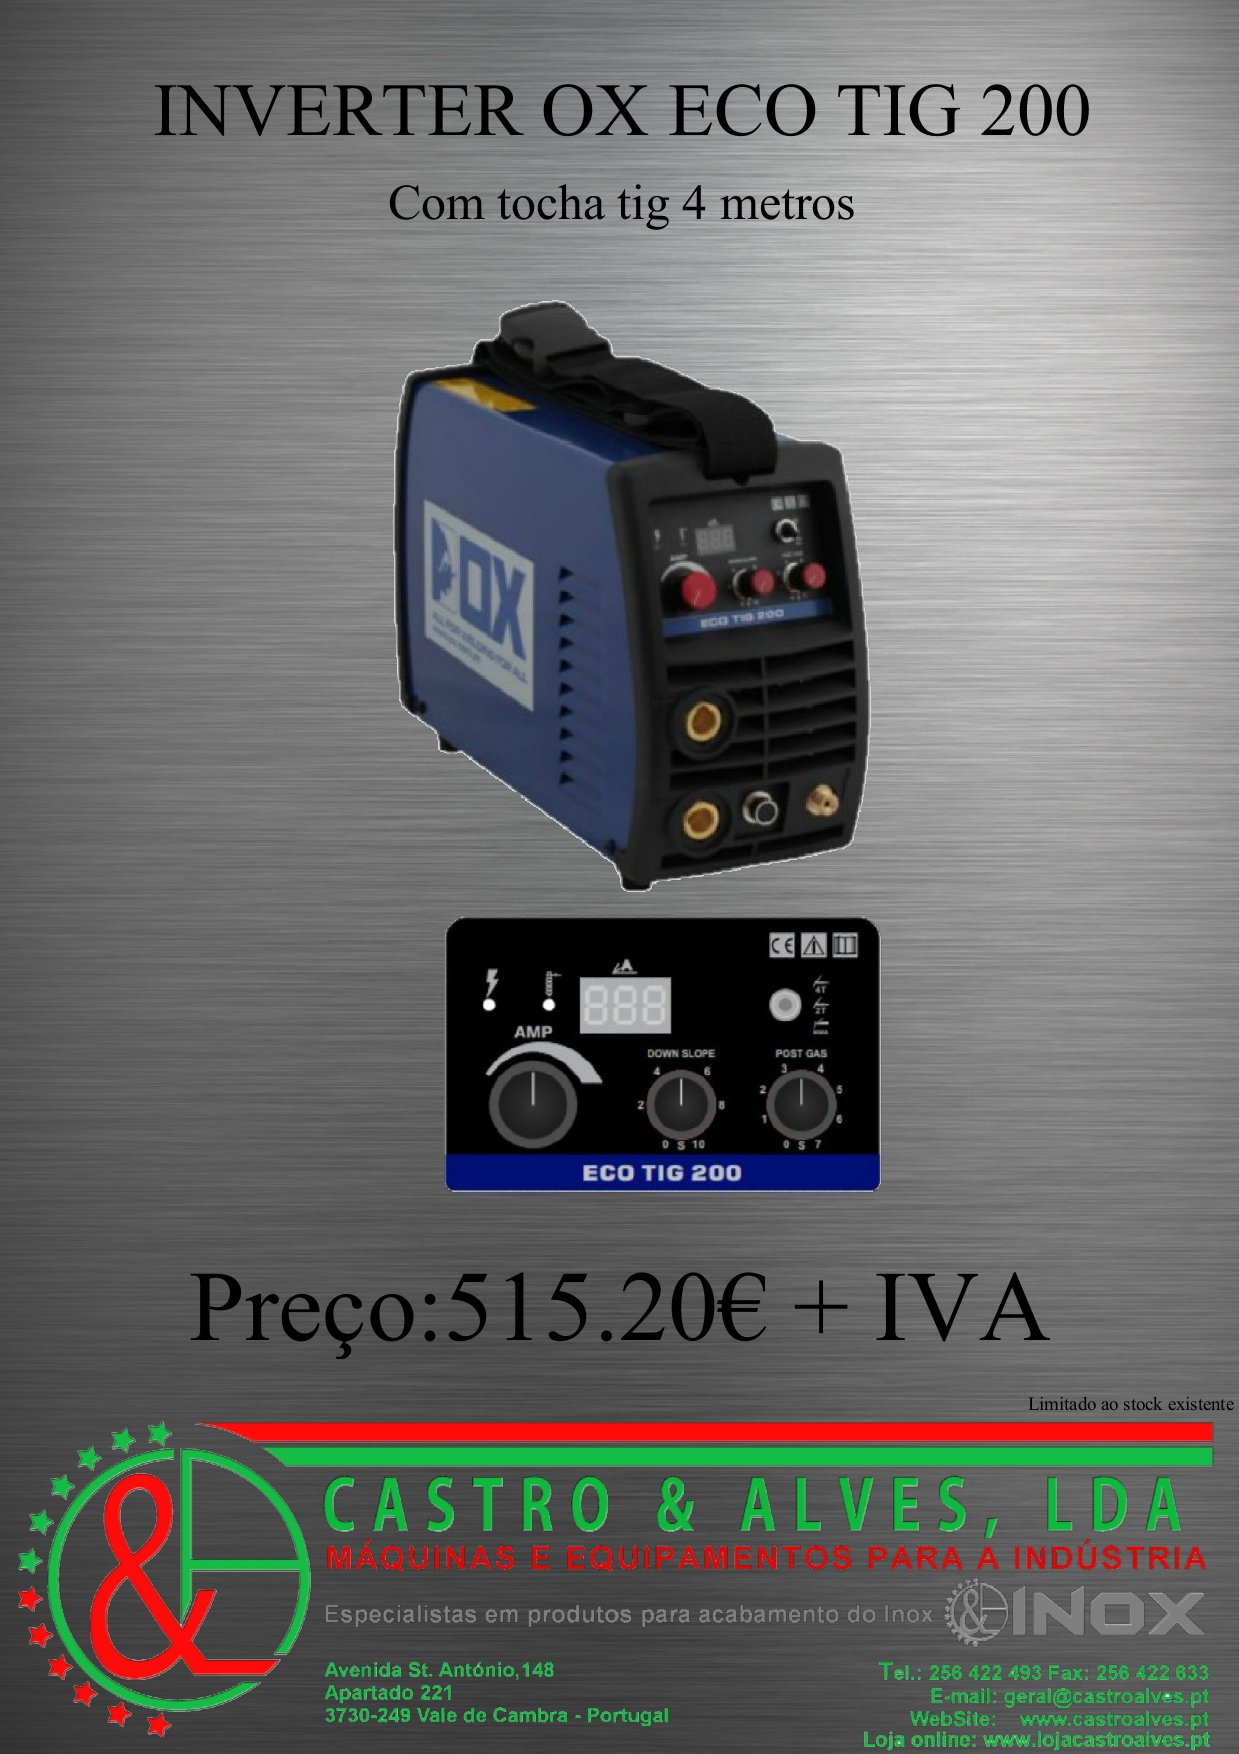 OX ECO TIG 200